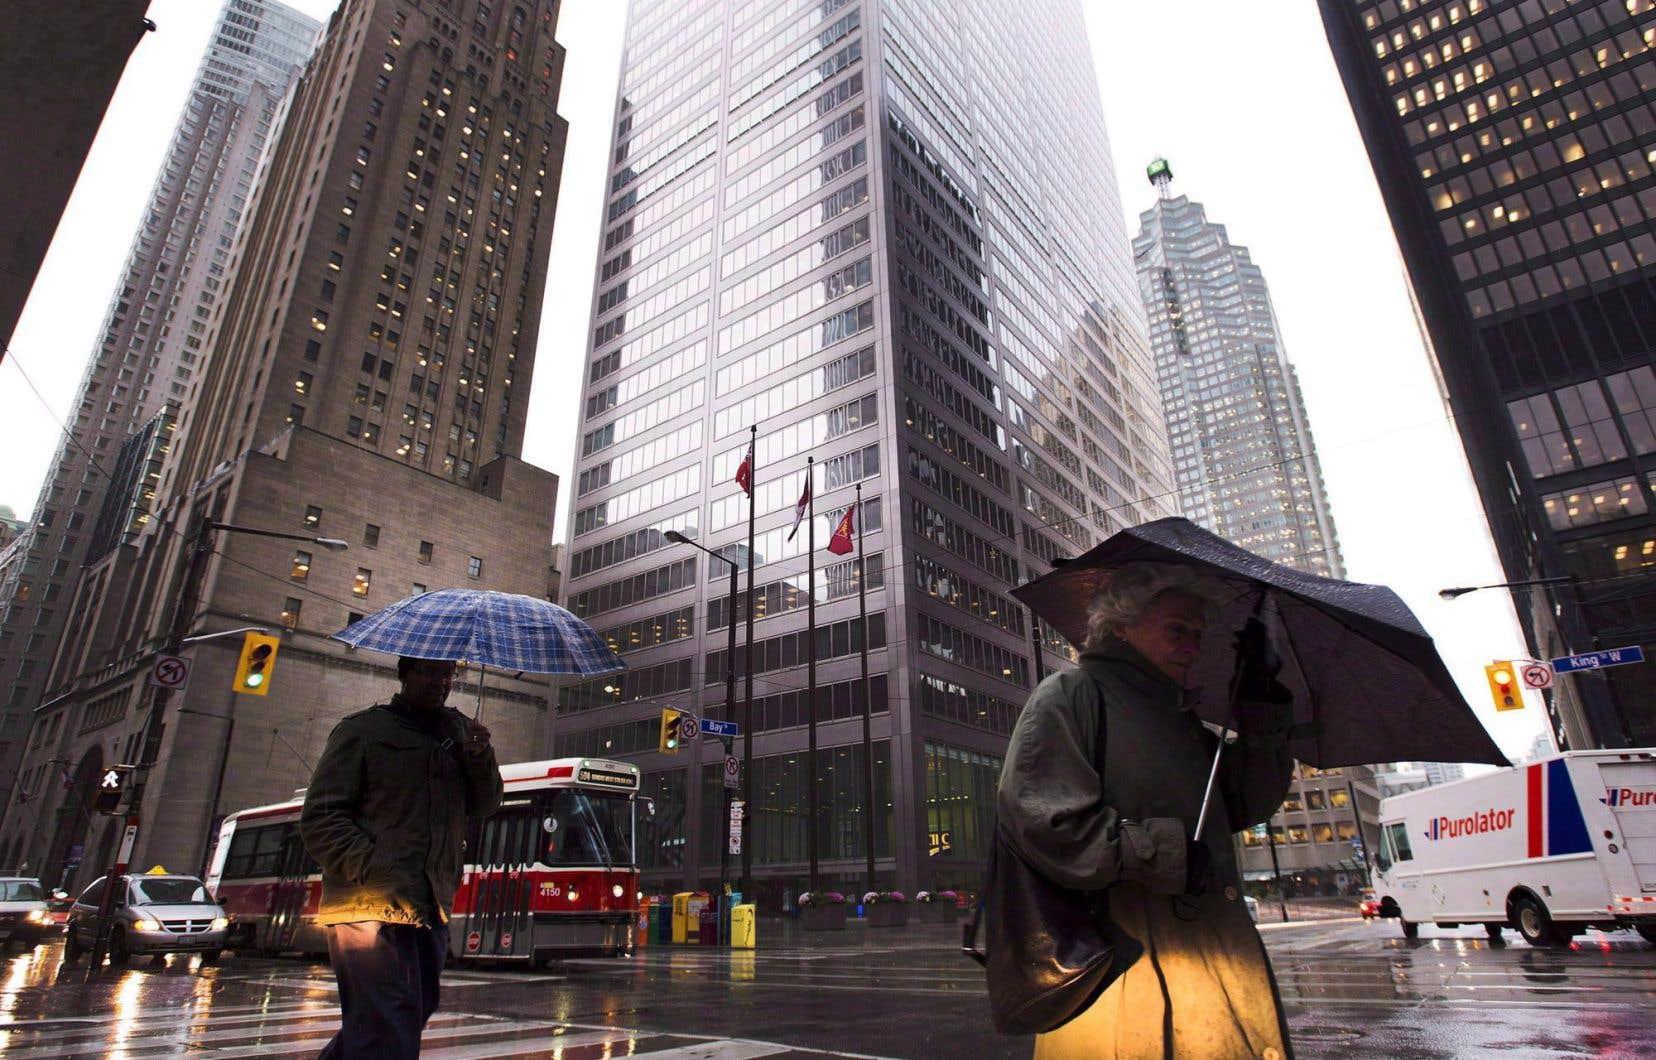 Selon Statistique Canada, le pays a généré 163300 nouveaux emplois nets en 2018, soit une augmentation de 0,9%.